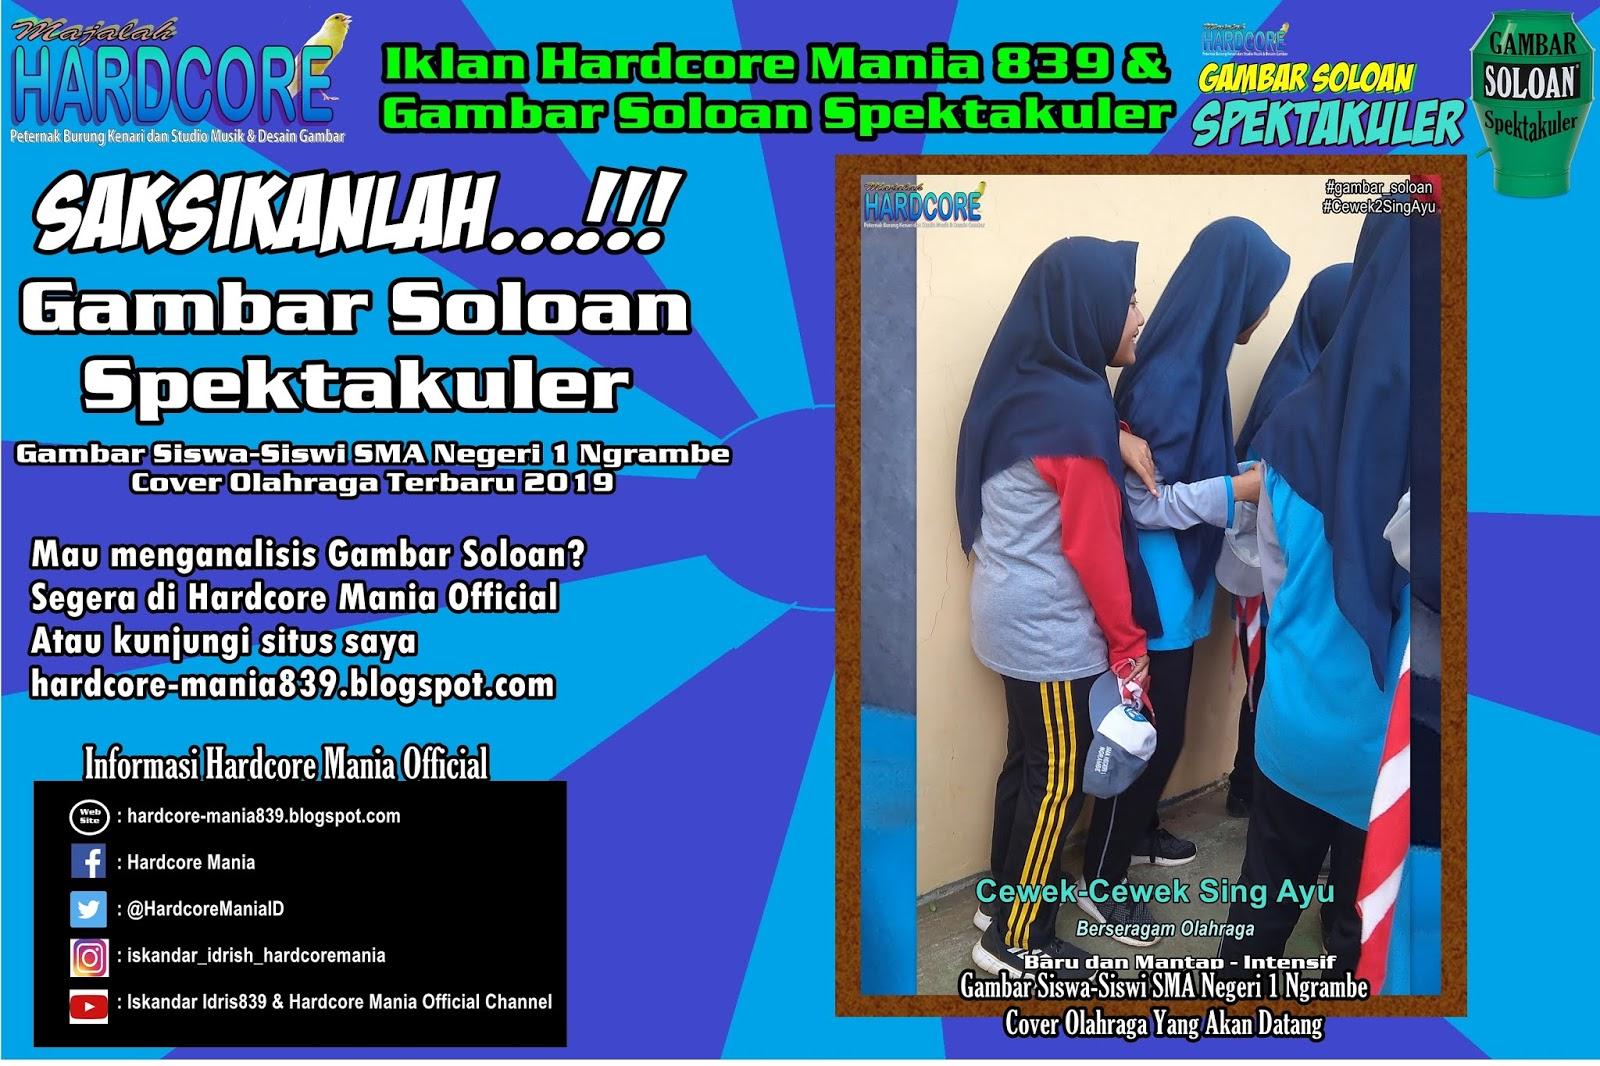 Hardcore Mania 839 Official Iklan Hardcore Mania Dan Gambar